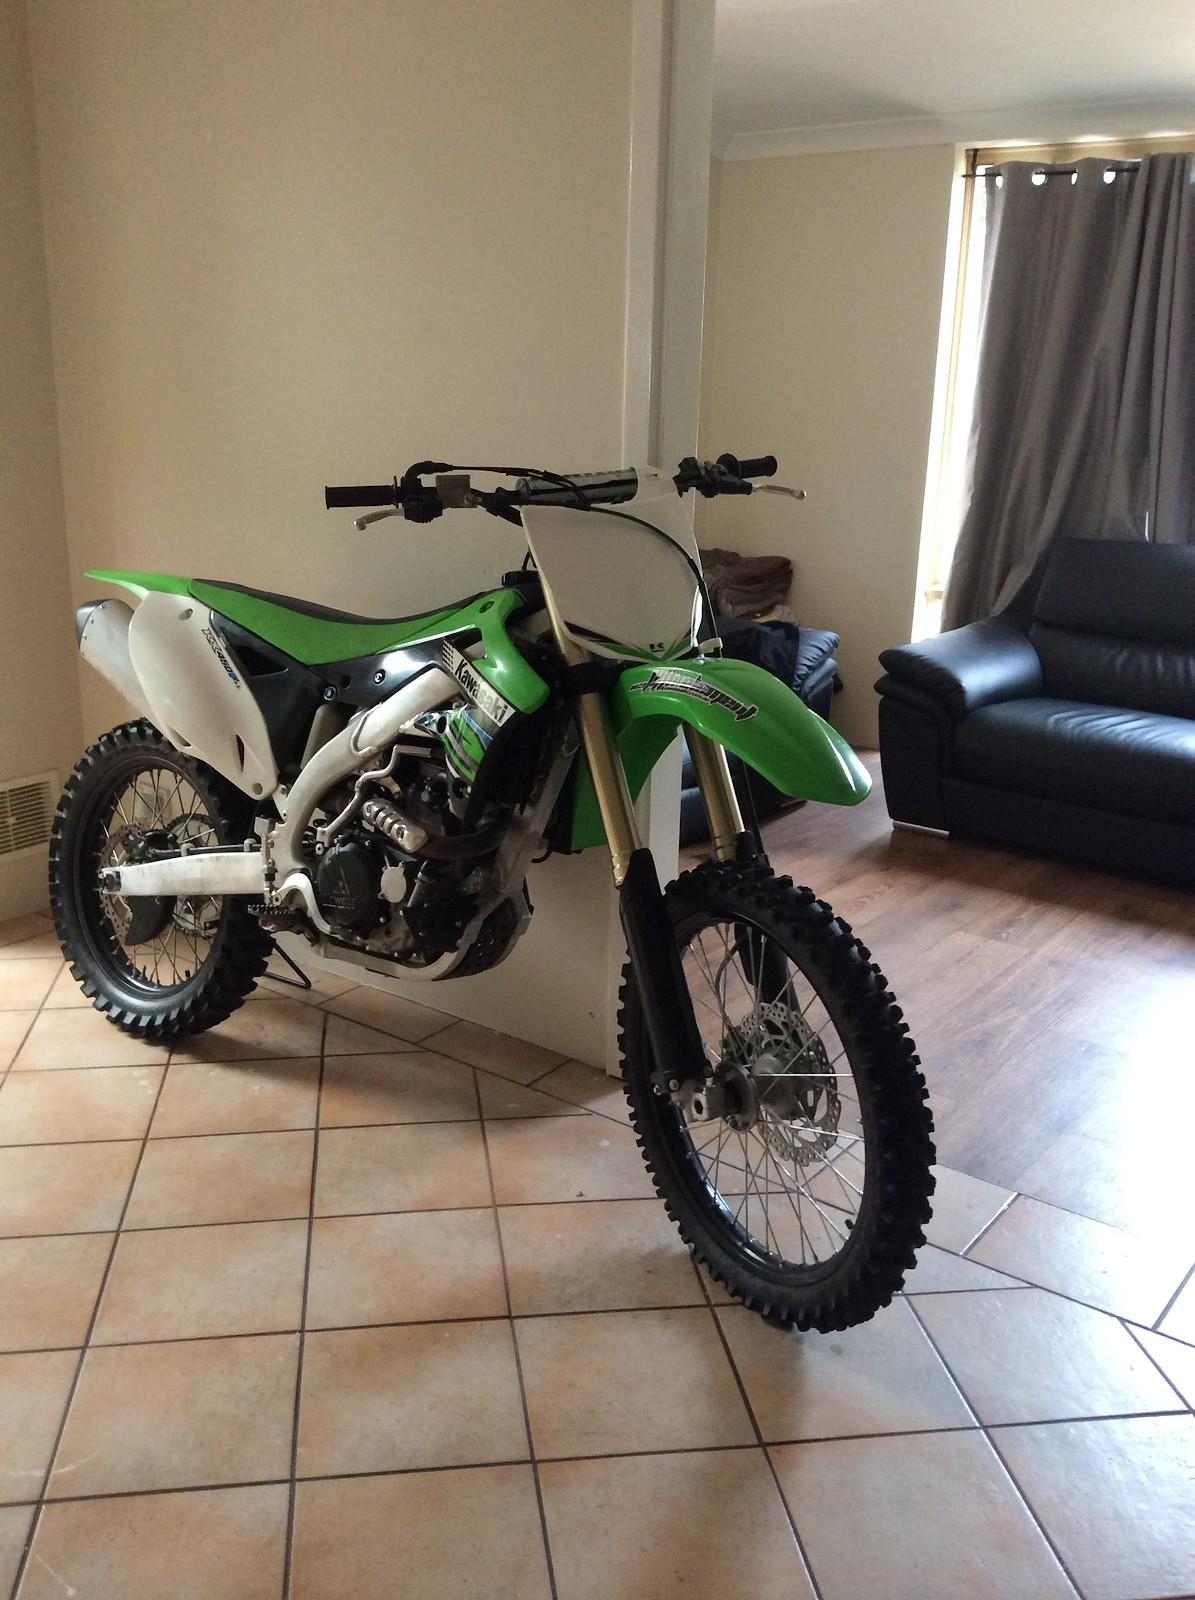 My old 2012 Kx450f - Hayden_Douglass - Motocross Pictures - Vital MX